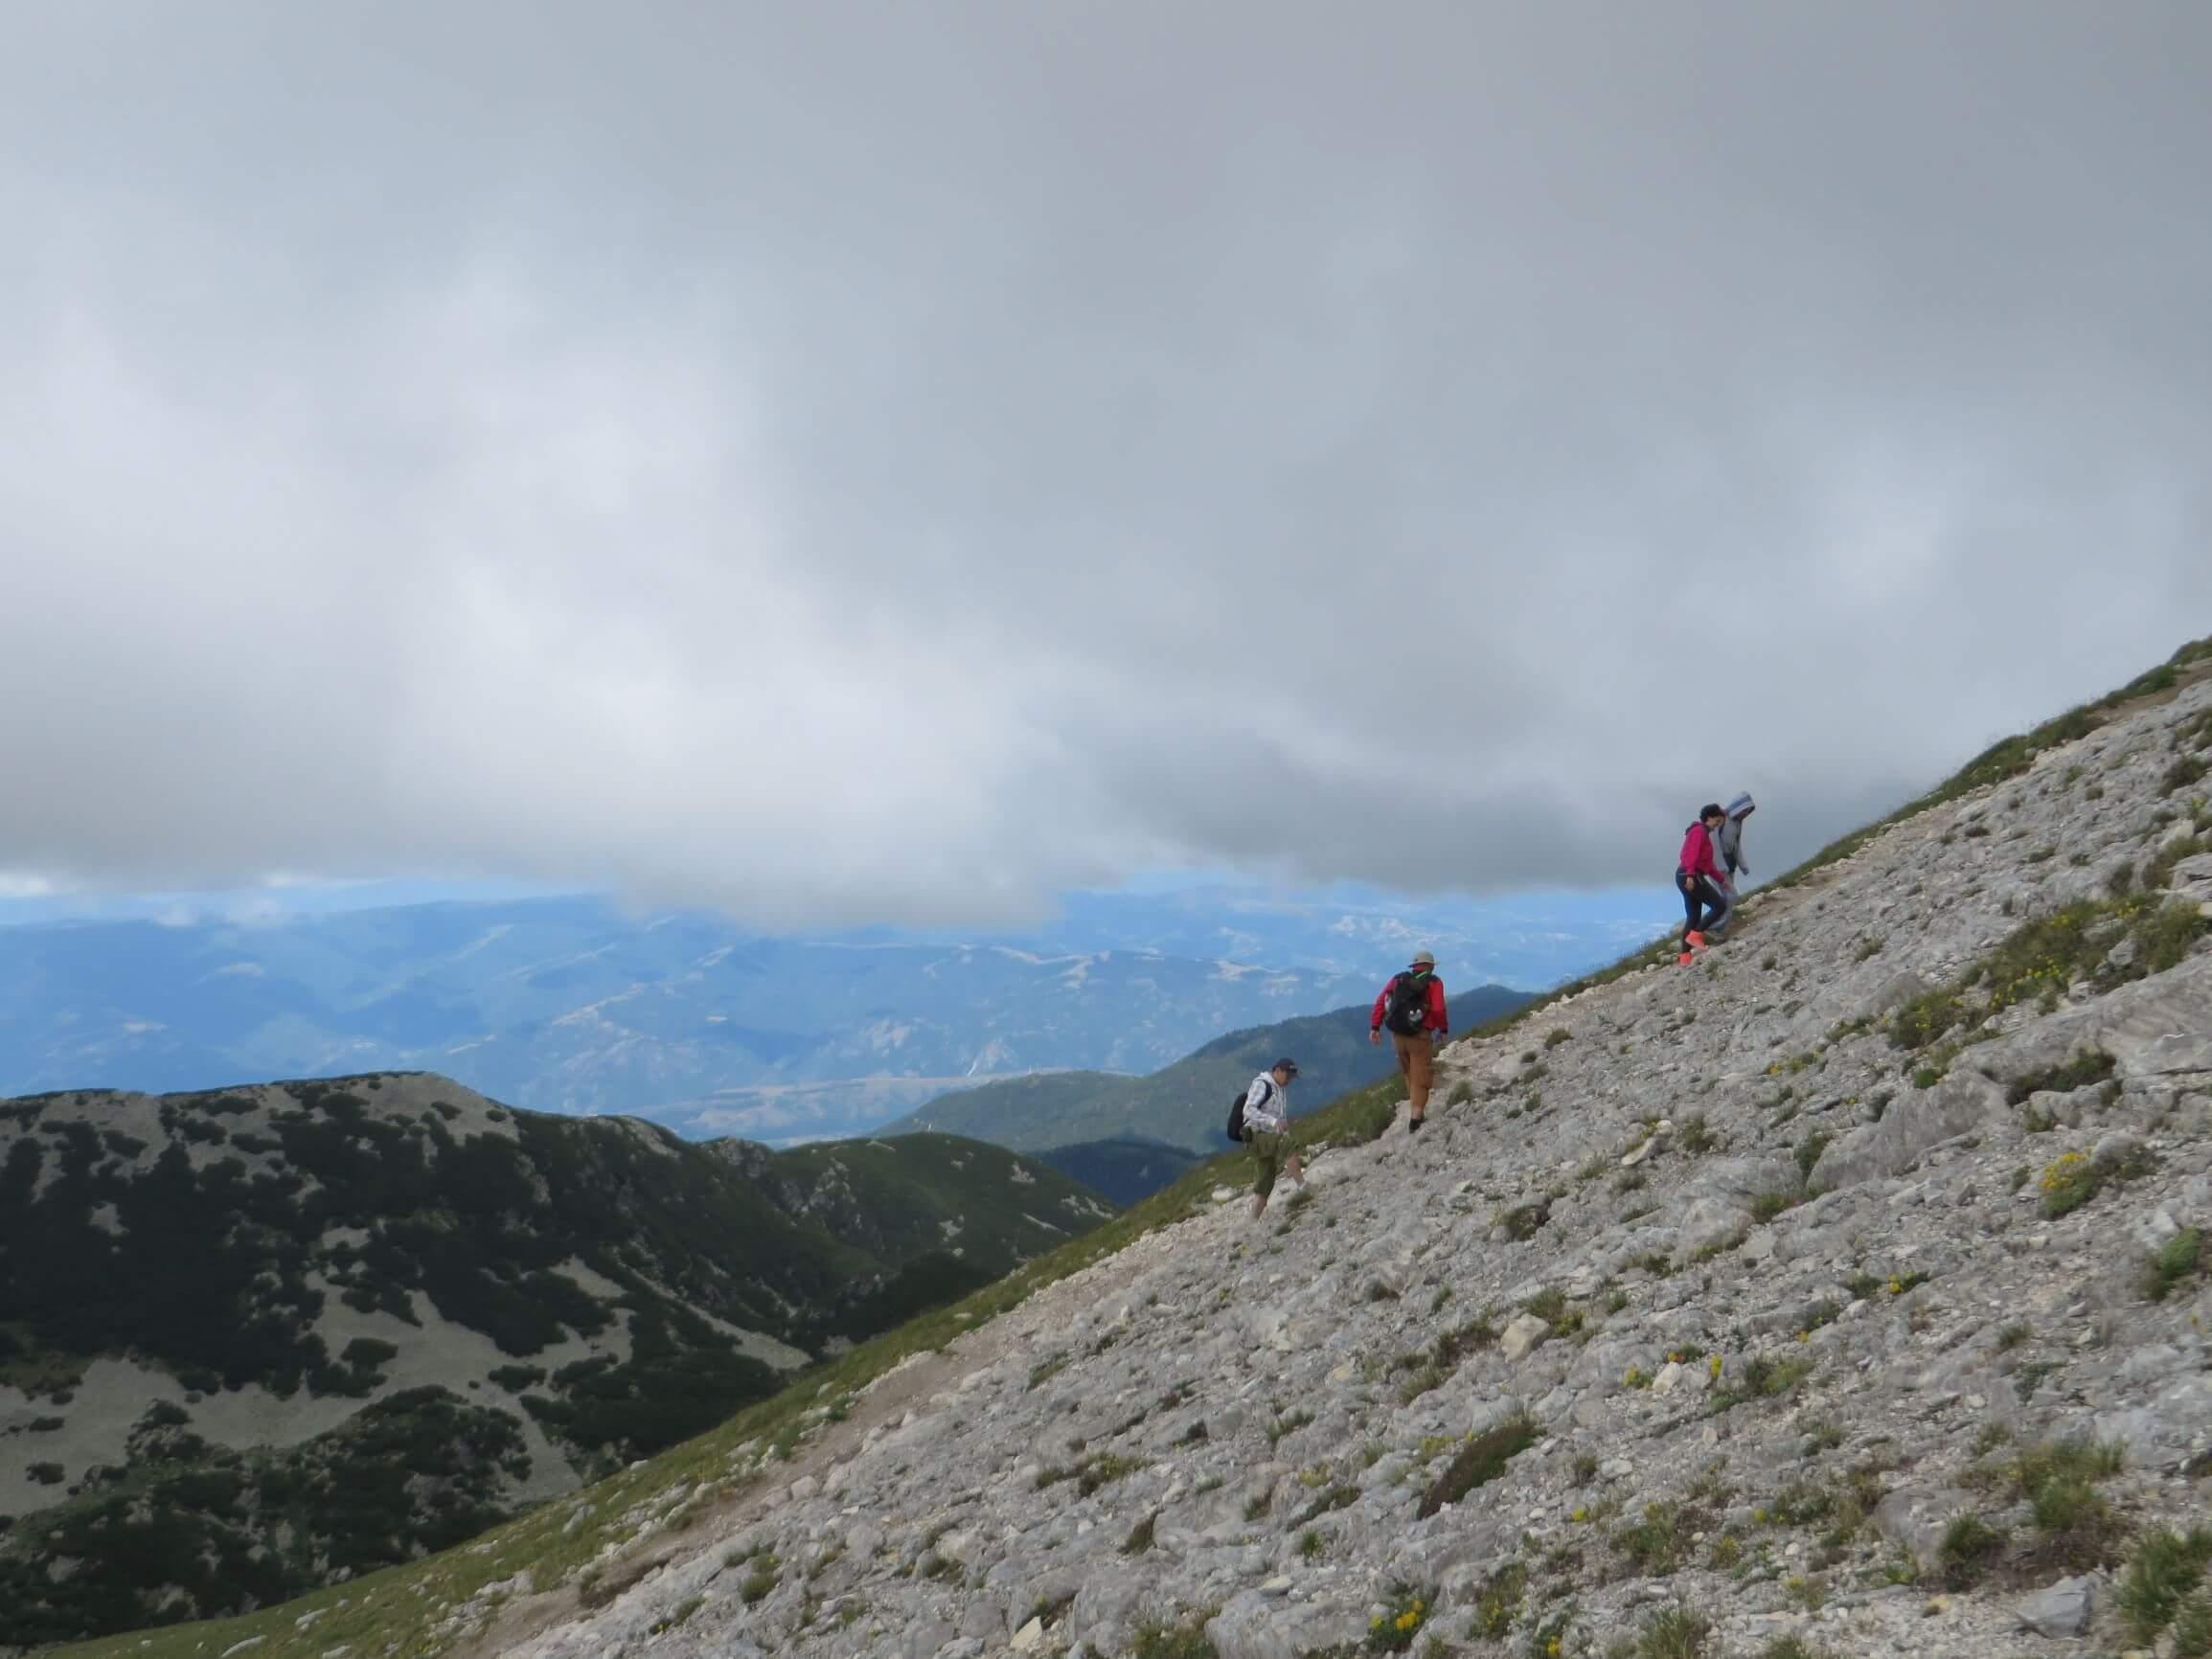 Climbing Vihren - the highest peak in Pirin (2914 m)